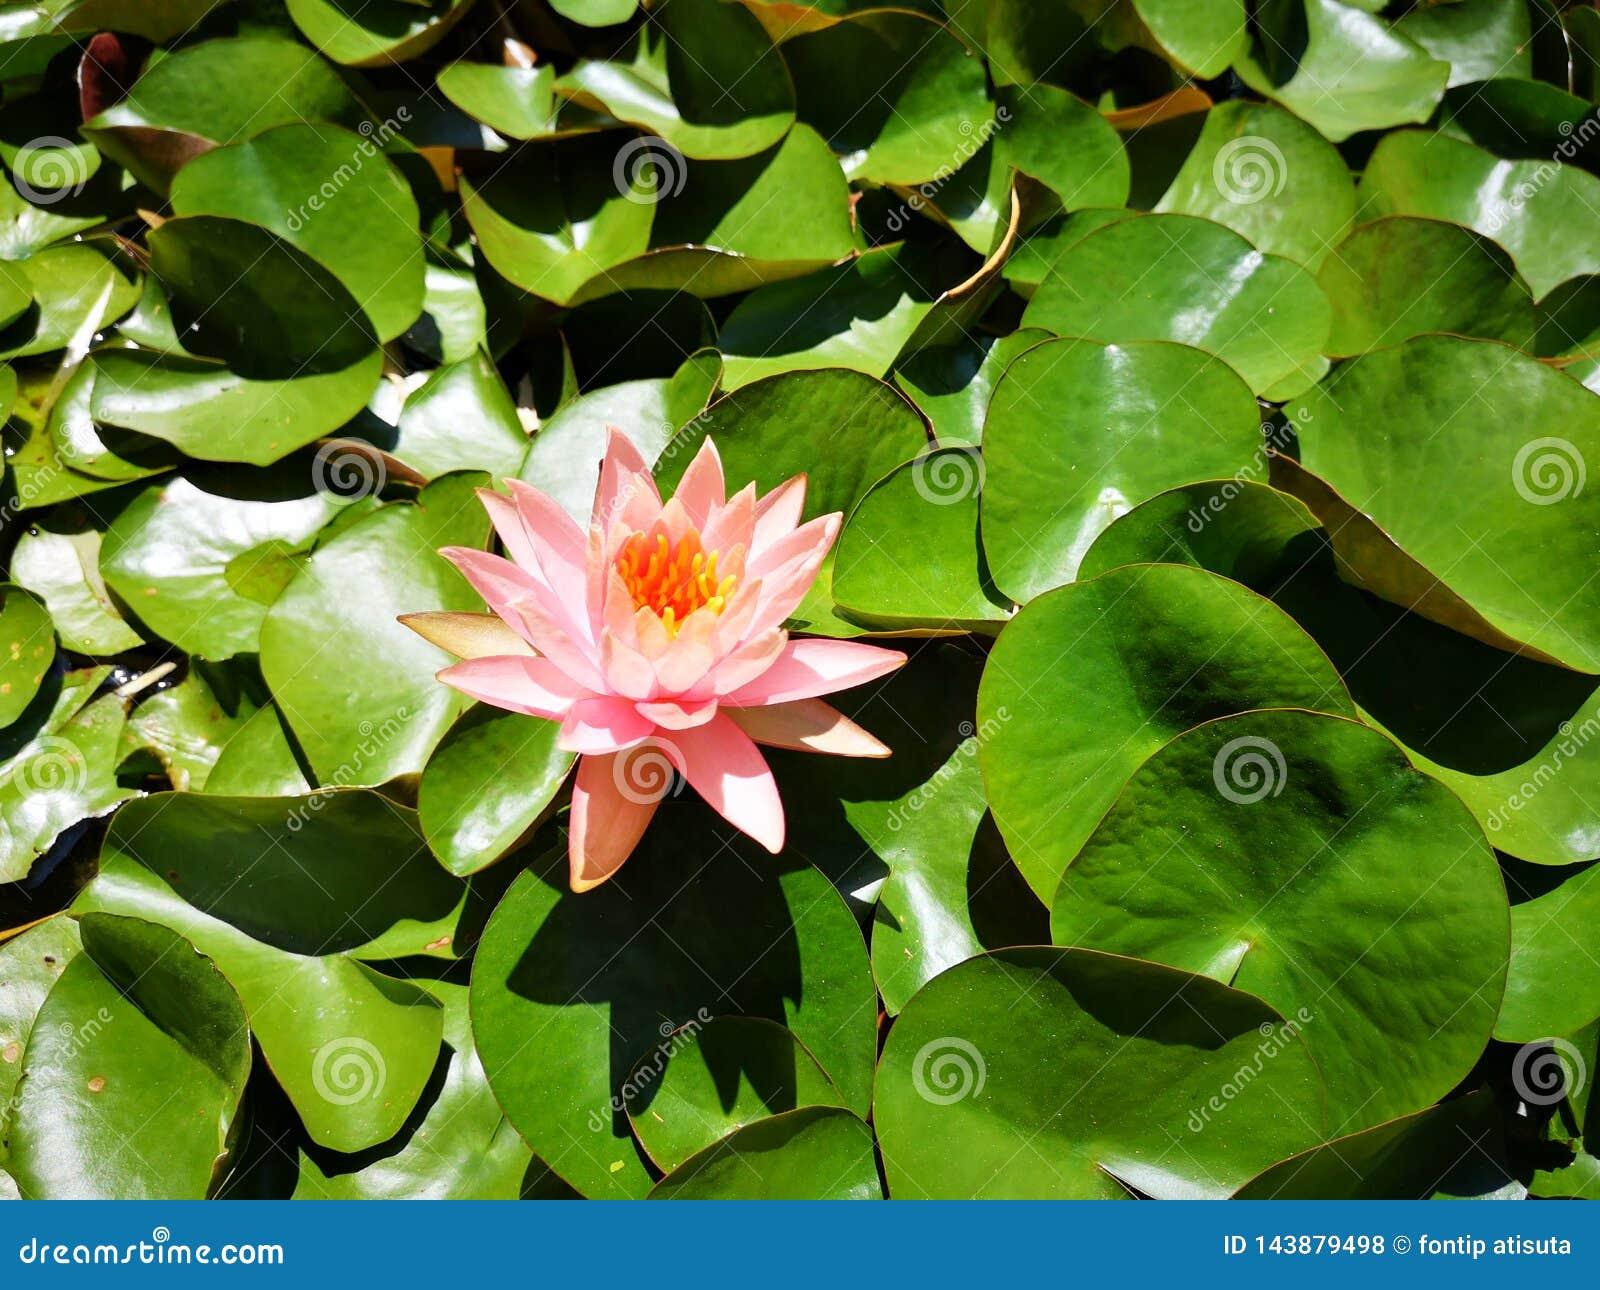 ‹För flower†för ‹för tropical†för ‹för color†för ‹för rose†för ‹för pick†för ‹för †för ‹för plant†för ‹för waterâ€